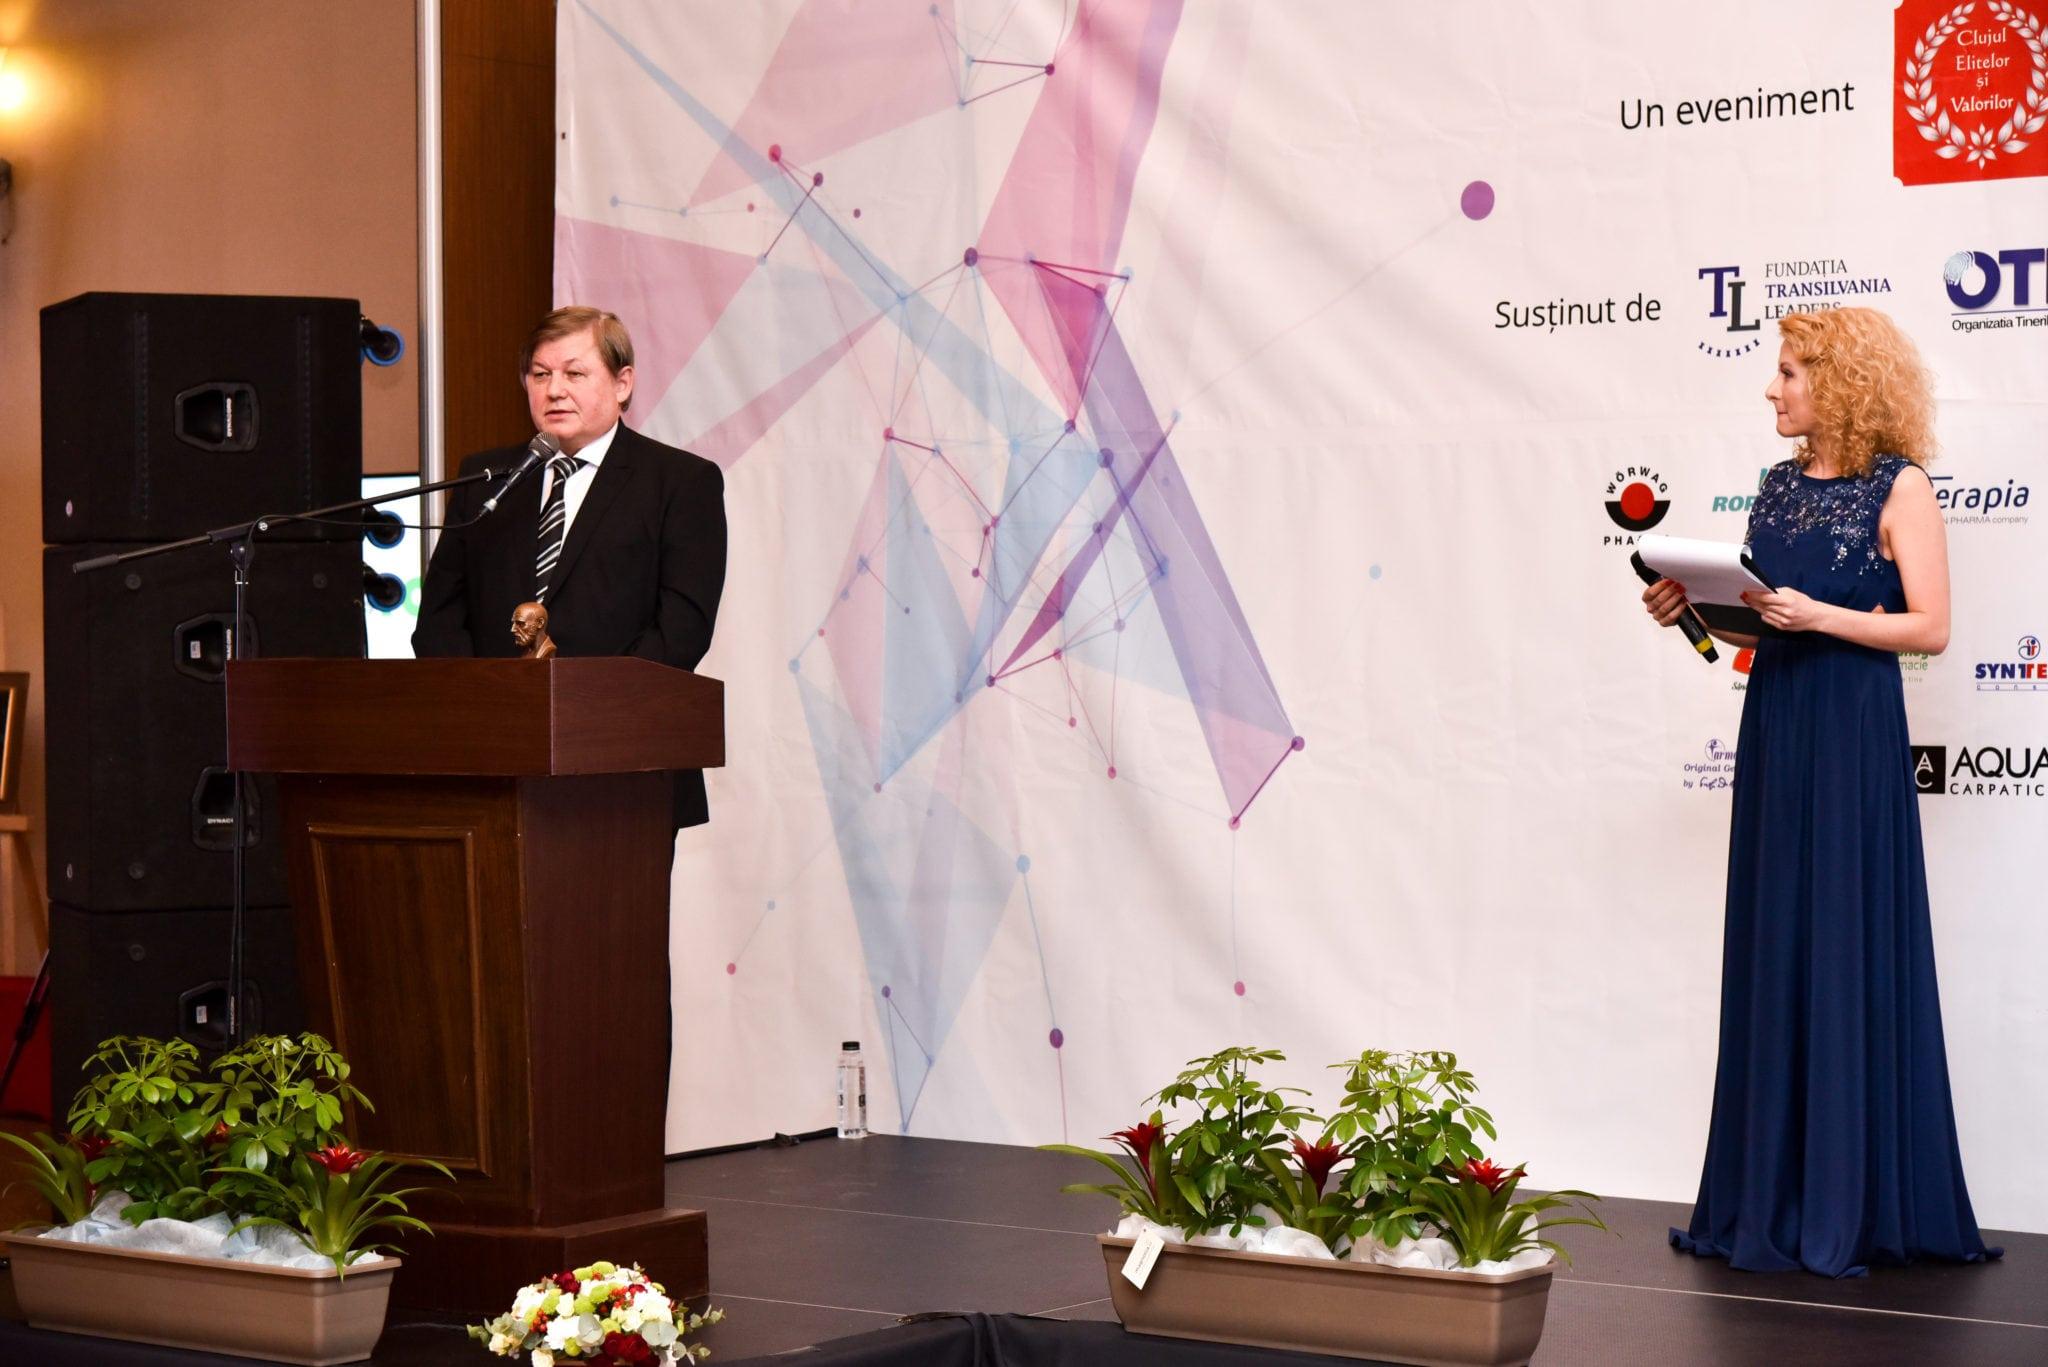 Prof. Dr. Benedek Imre